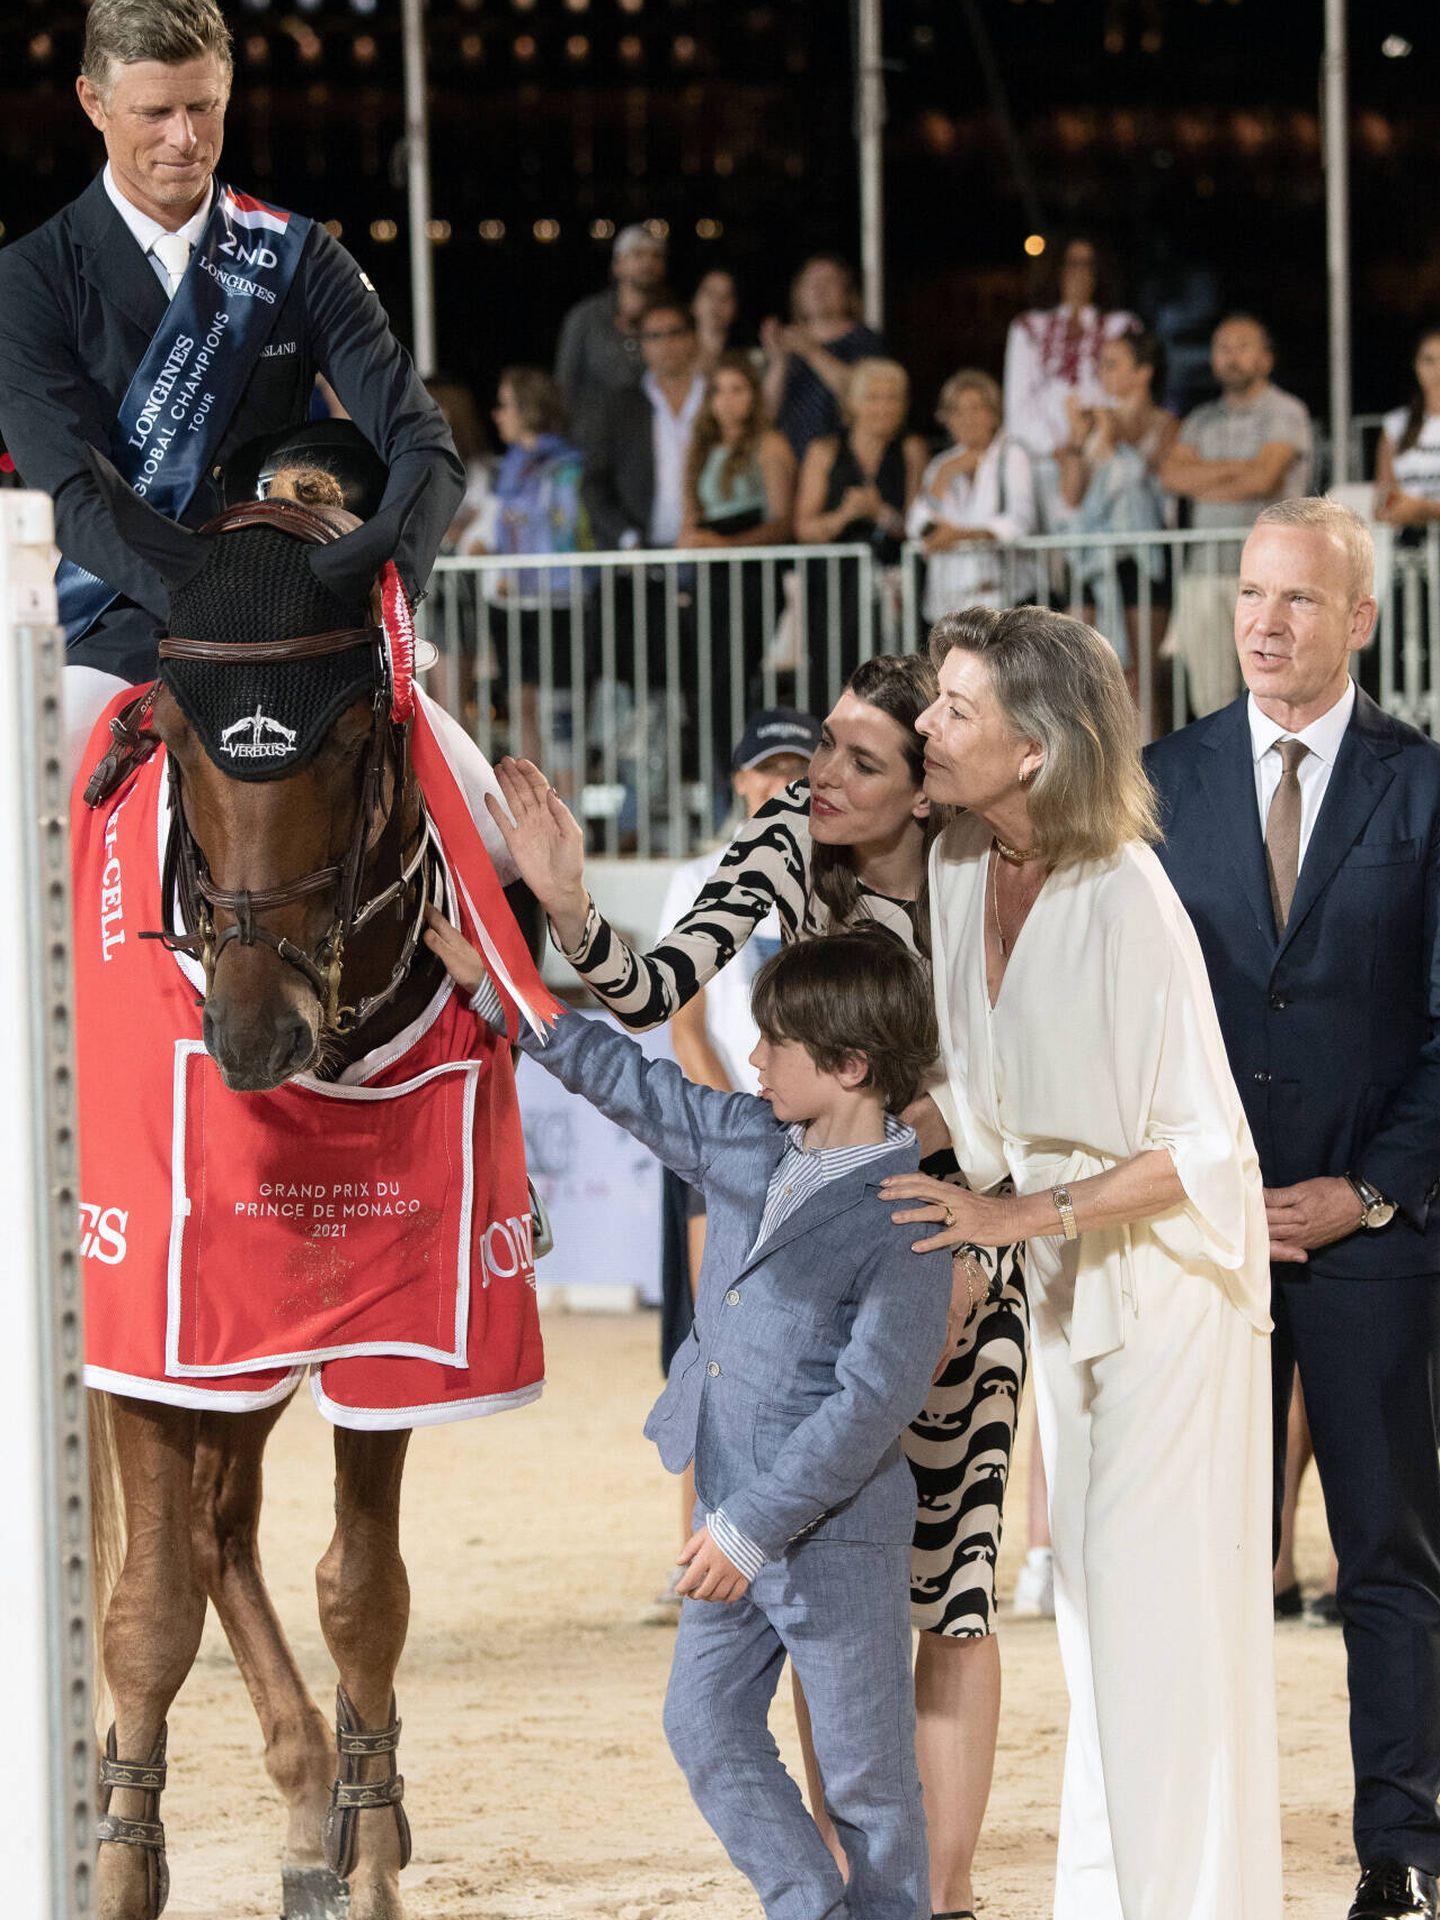 El hijo de Carlota Casiraghi saludando al ganador. (Gtres)